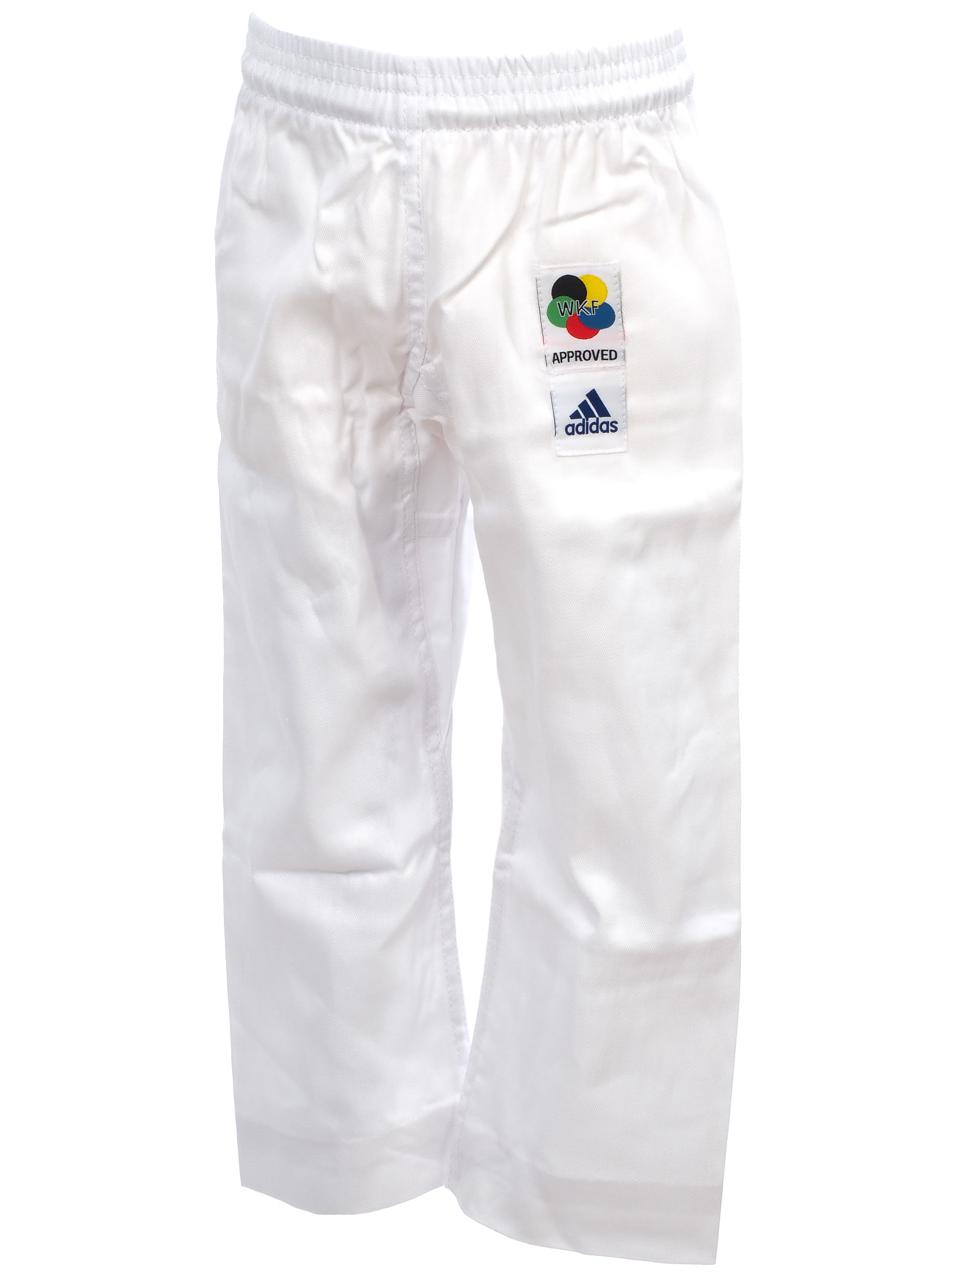 Kimono-of-Karate-Adidas-Evolution-White-Karate-Jr-White-23064-New thumbnail 3